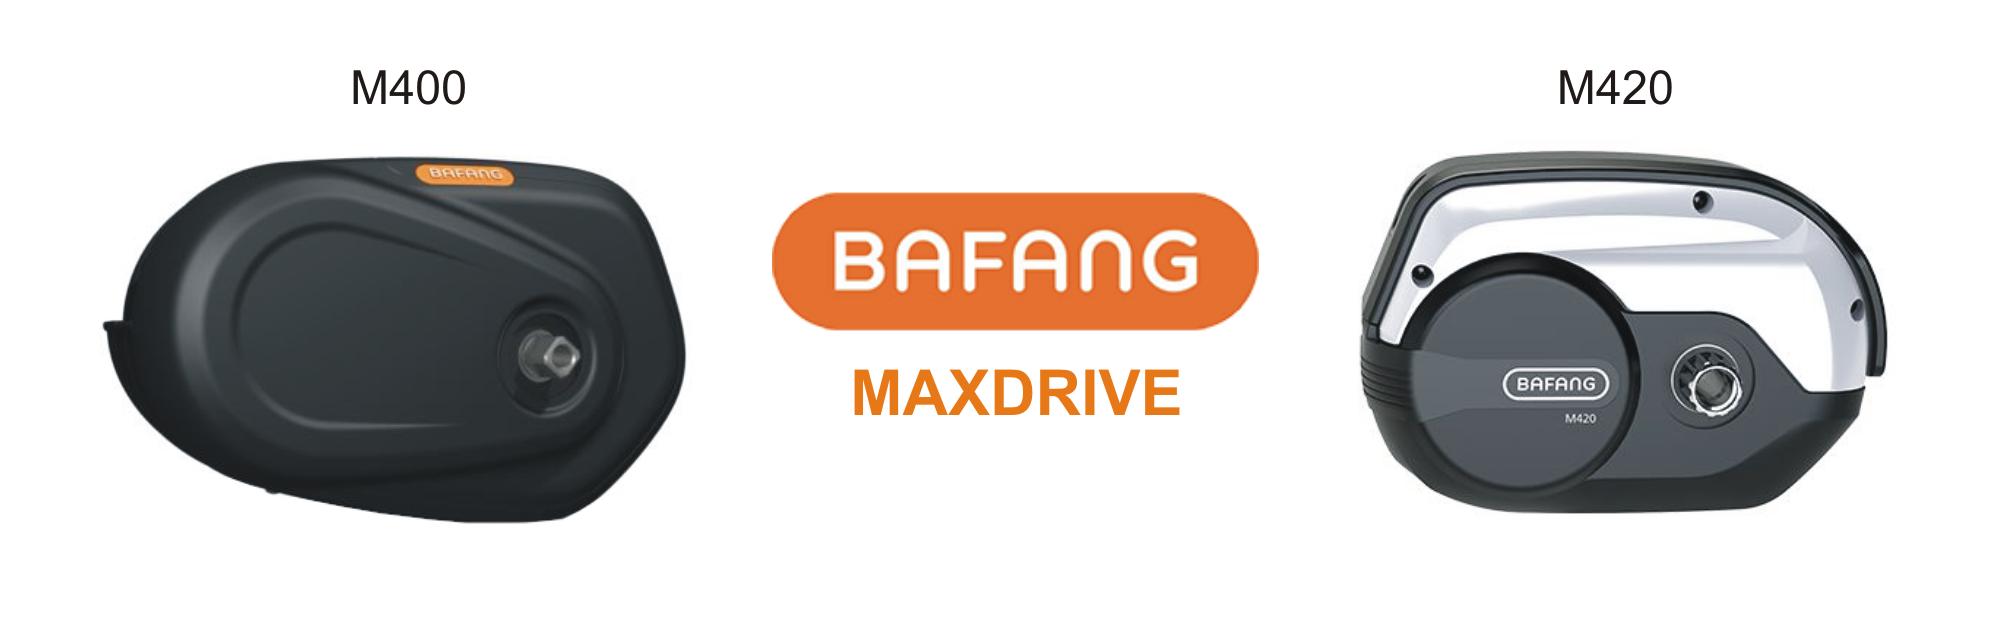 Navýšení výkonu a rychlosti bafang maxdrive